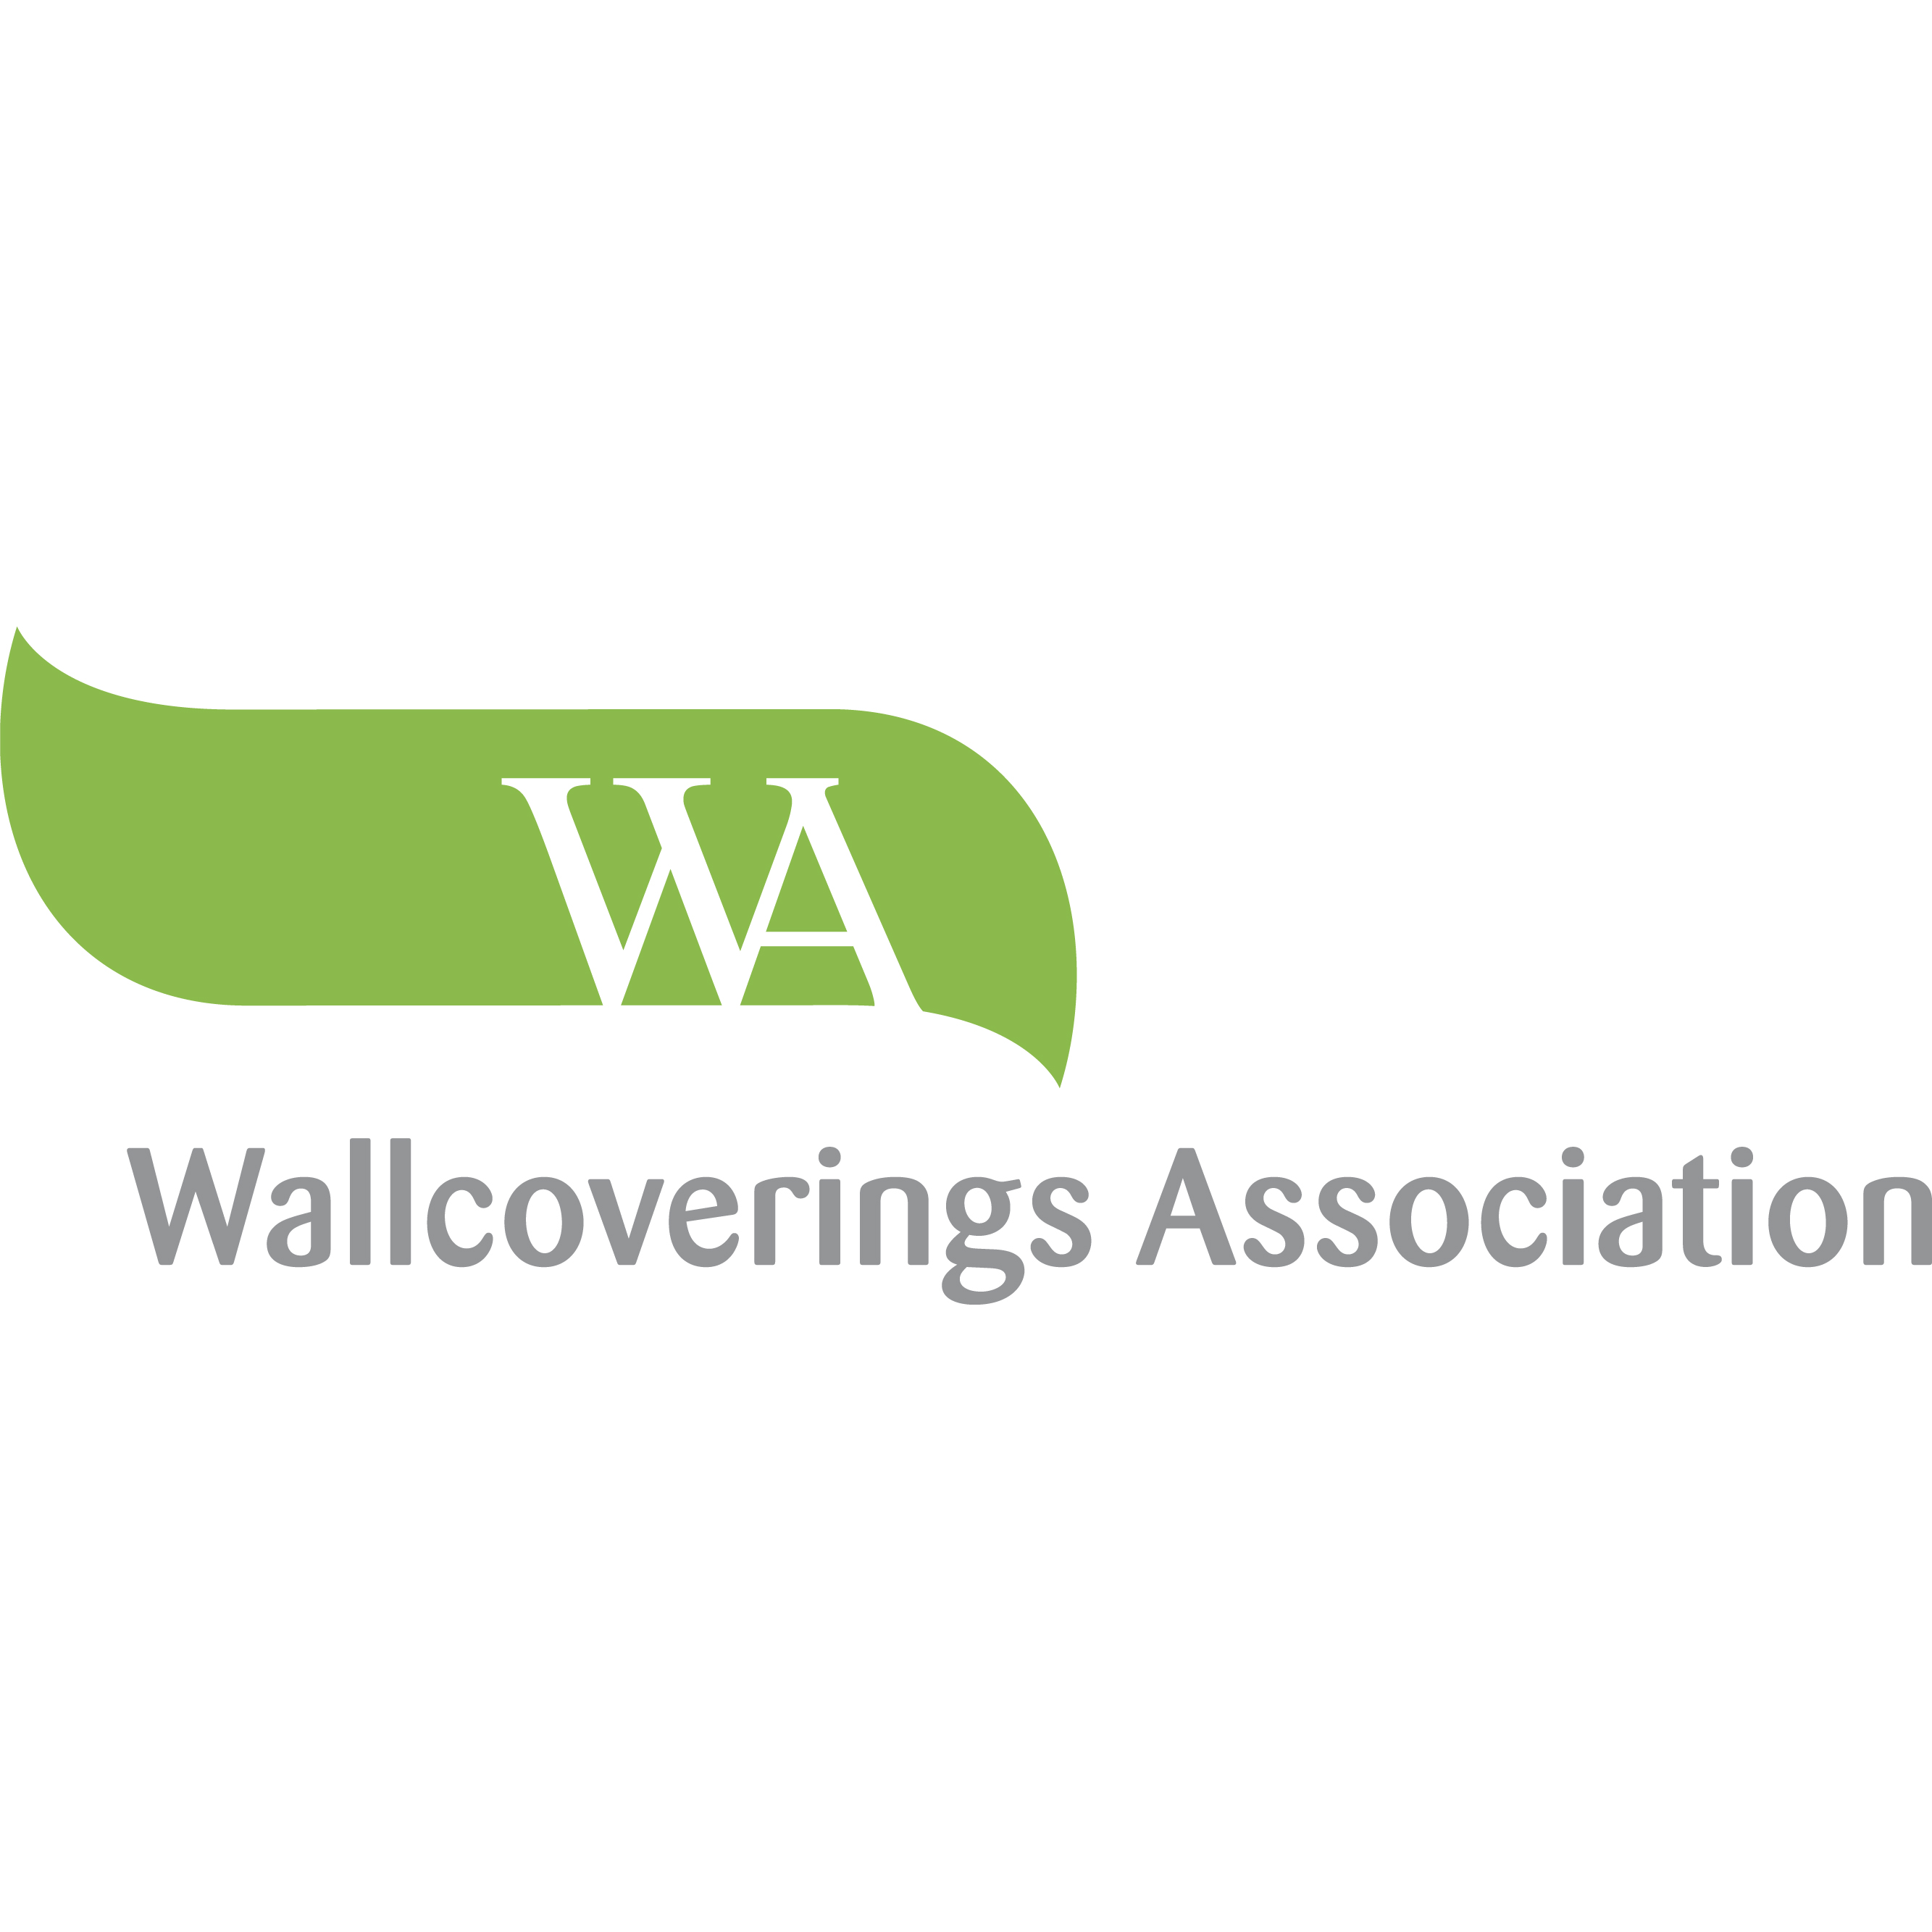 Wallcoverings Association logo